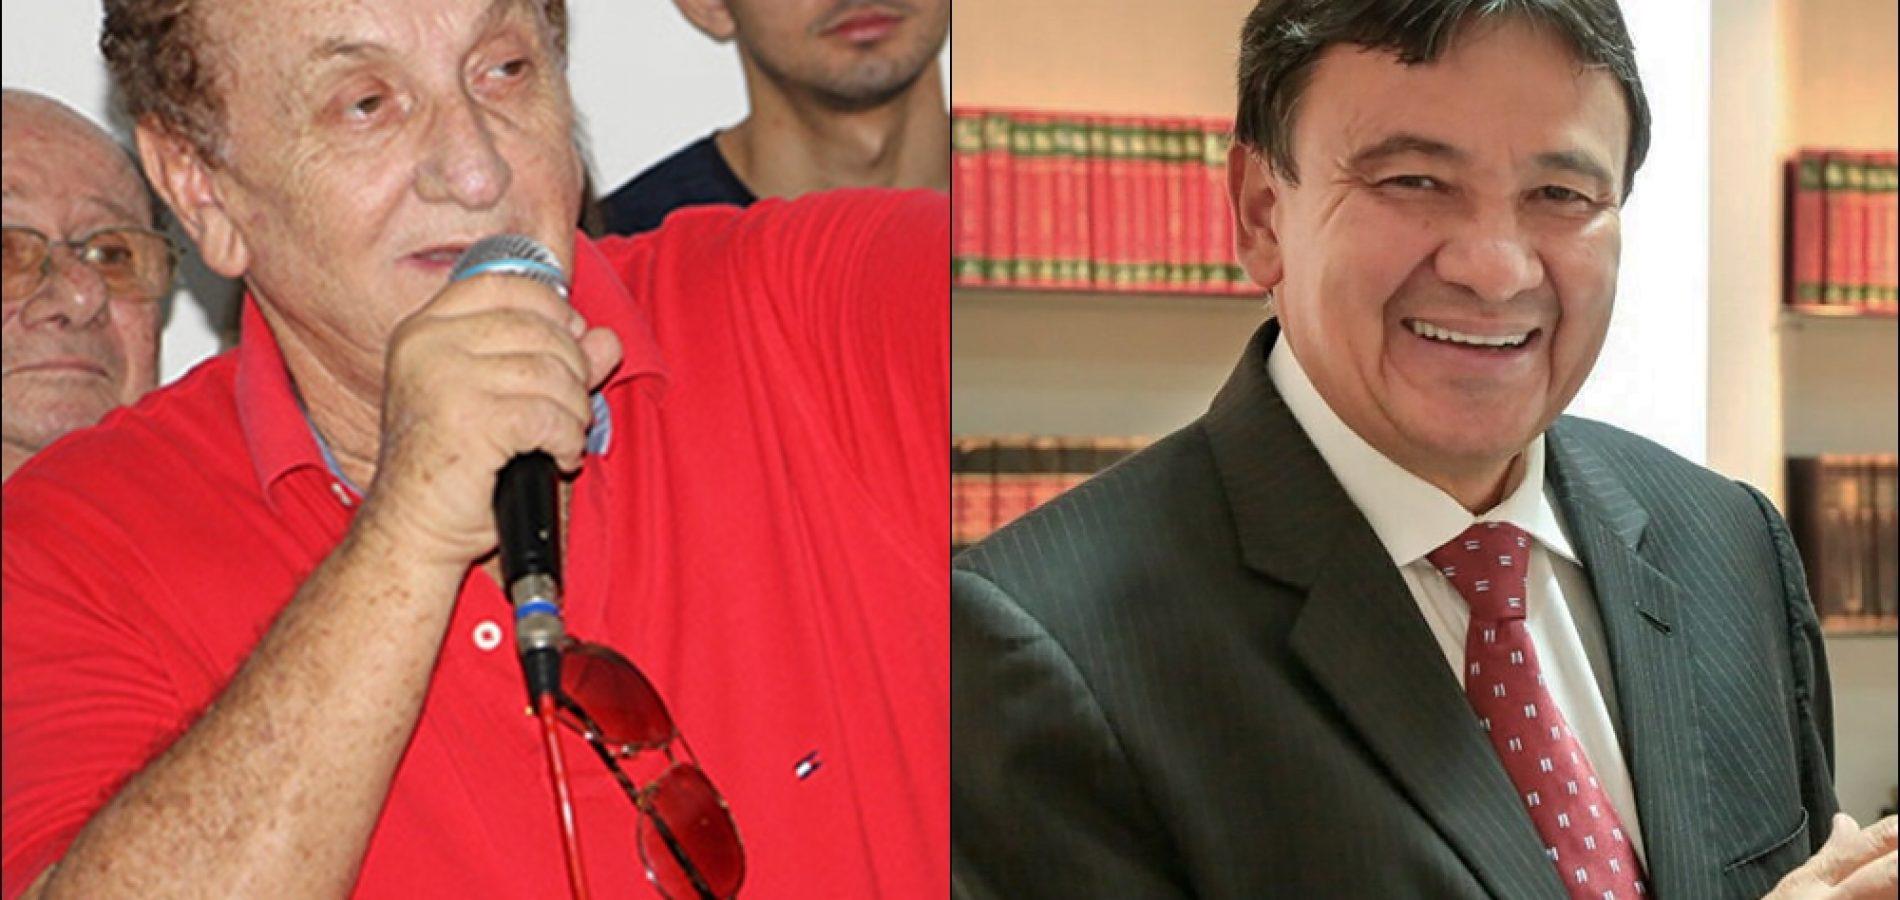 Dias diz que só irá para a visita de Bolsonaro a PHB se for convidado